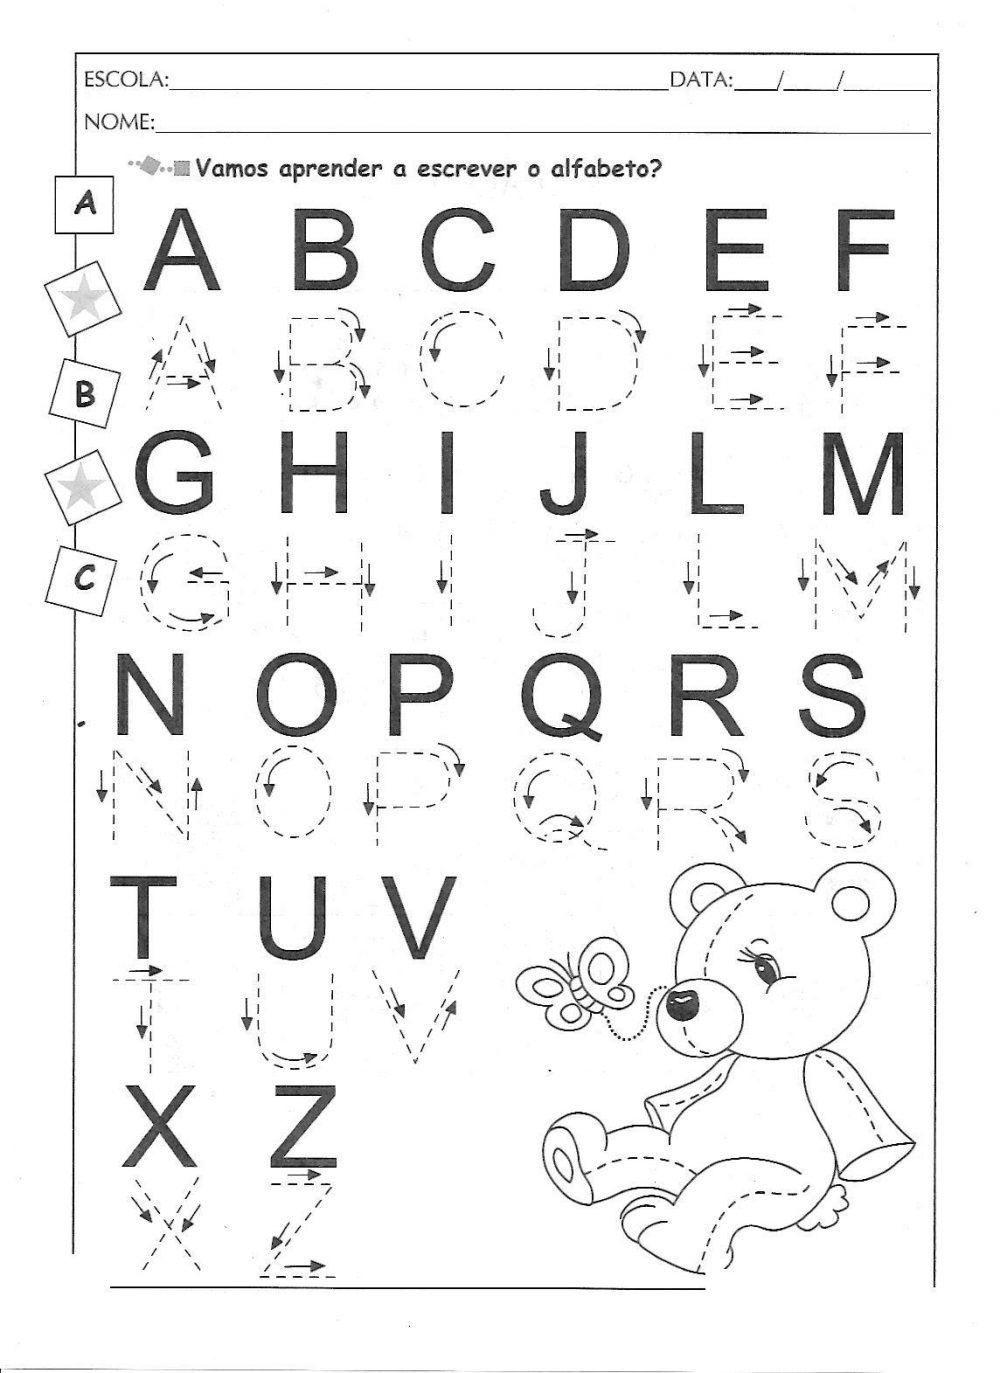 Alfabeto Pontilhado Ilustrado para imprimir